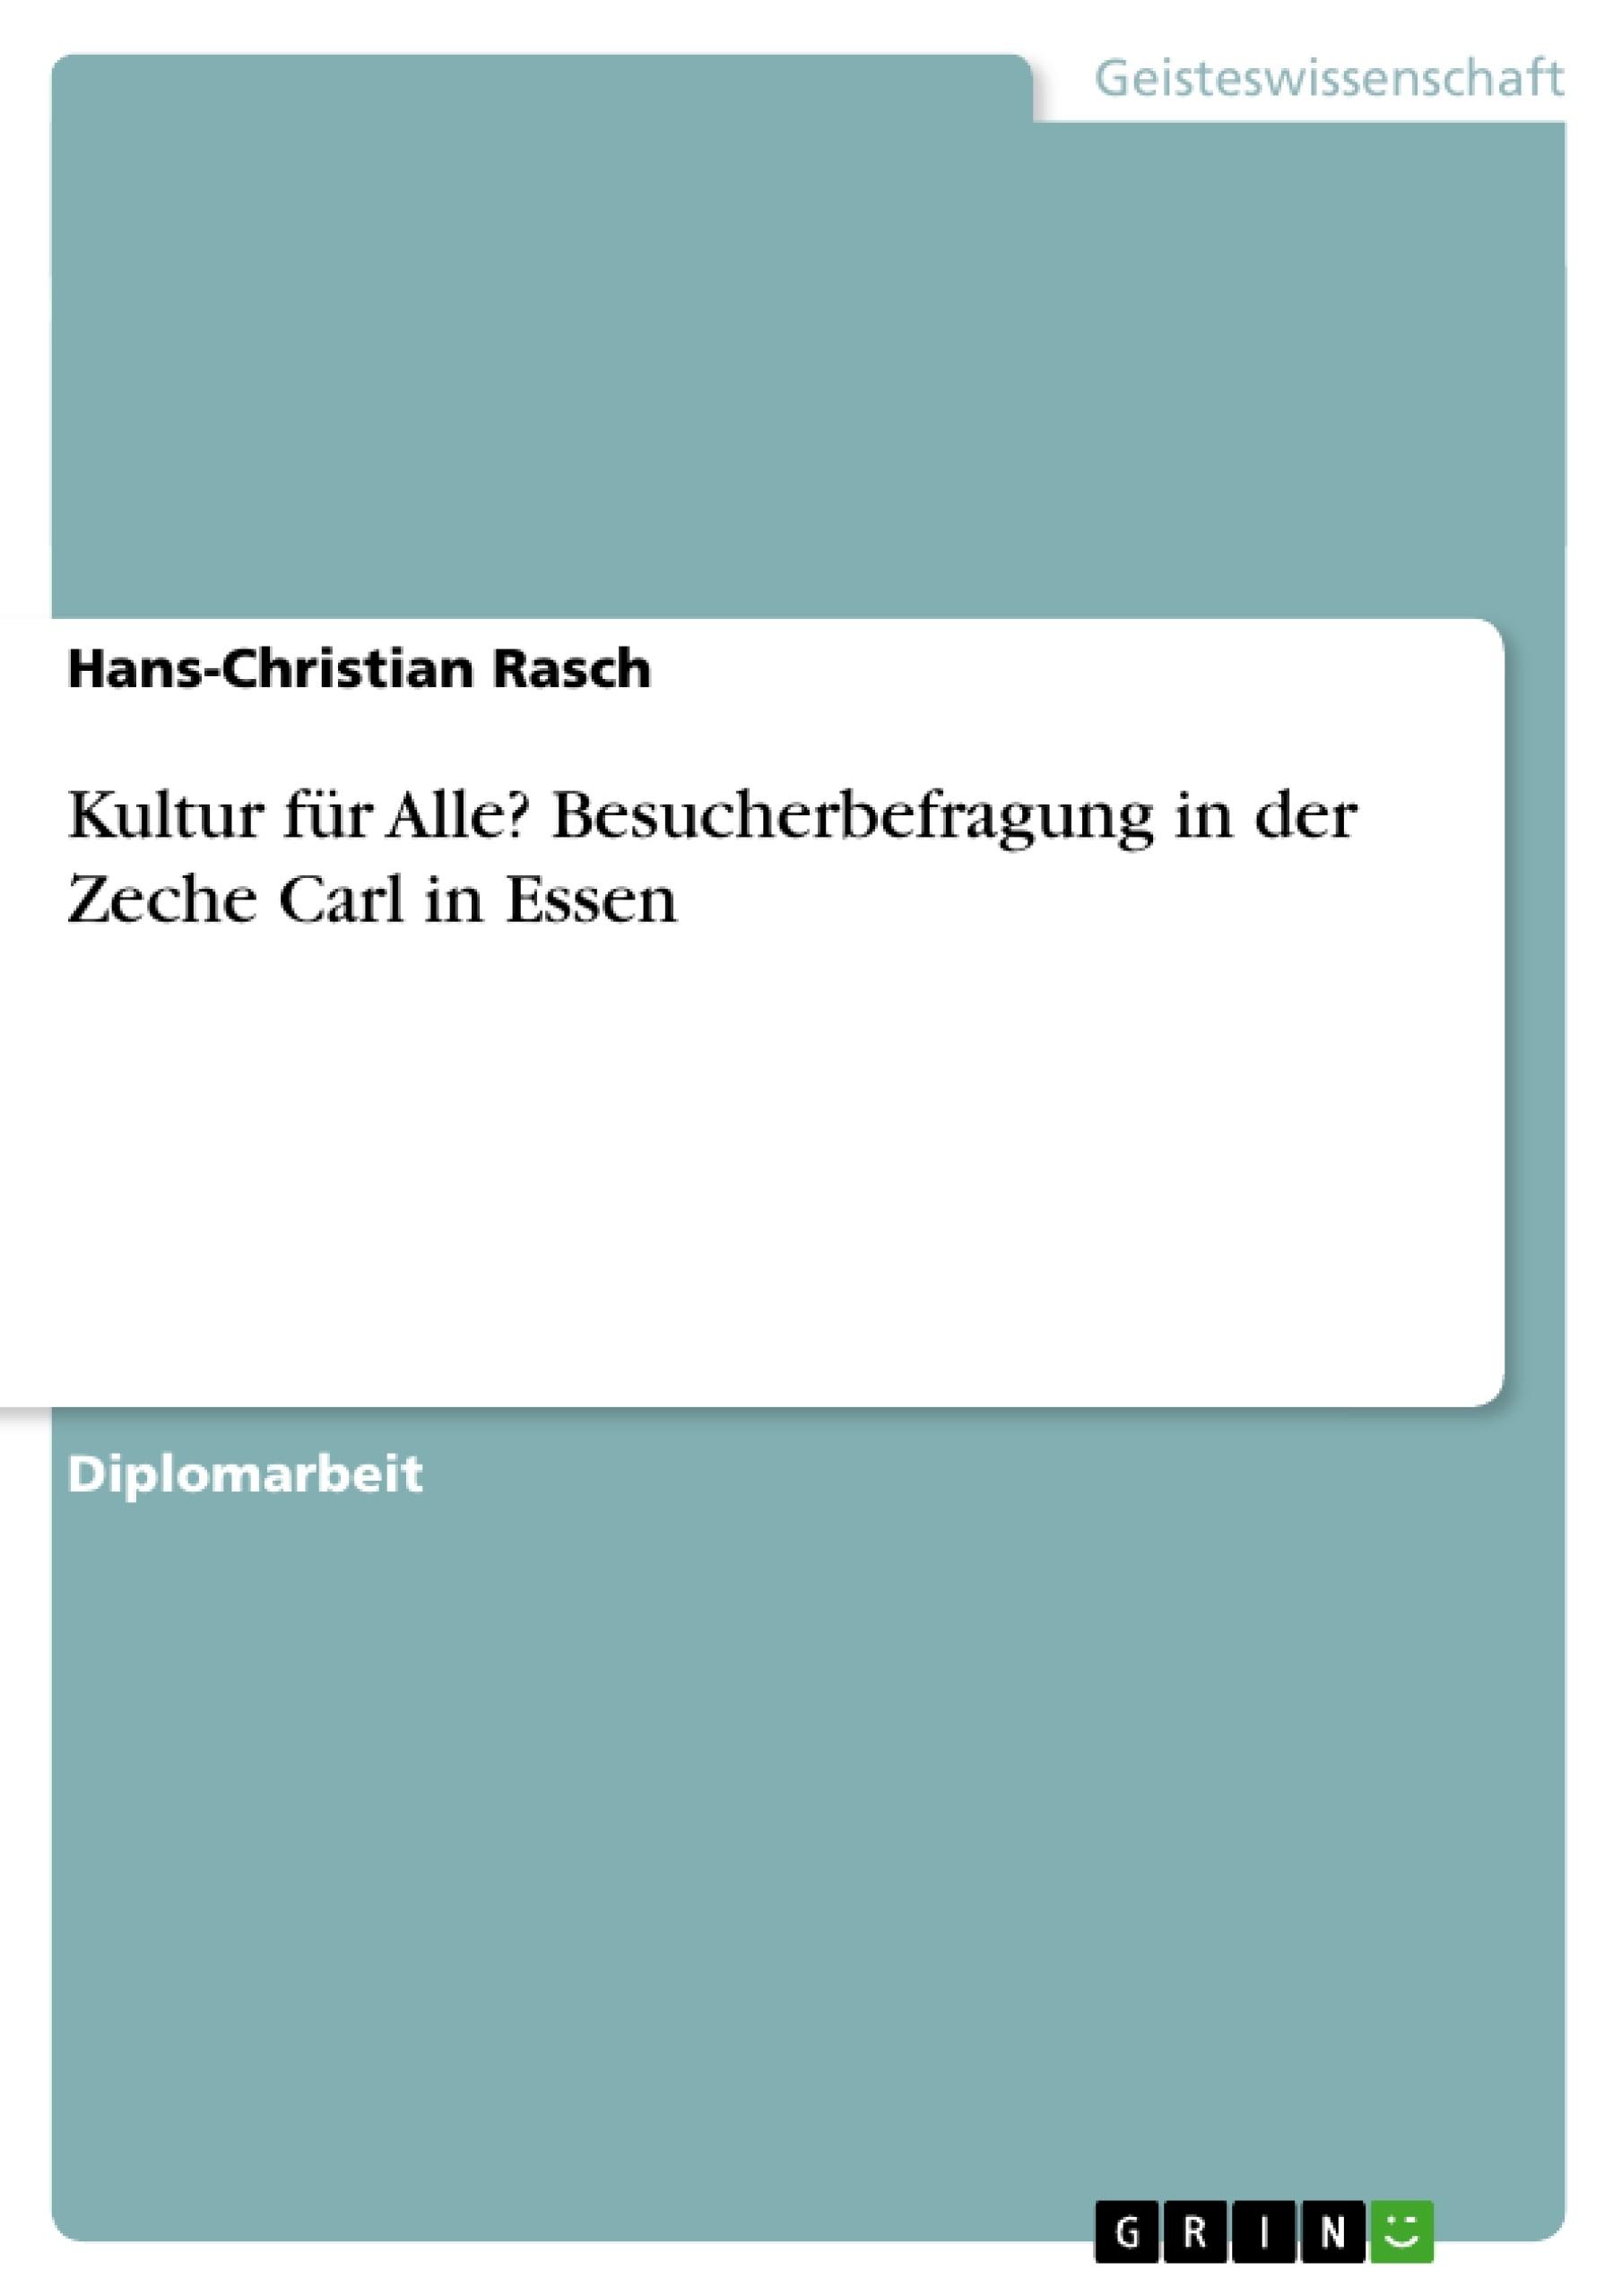 Titel: Kultur für Alle? Besucherbefragung in der Zeche Carl in Essen